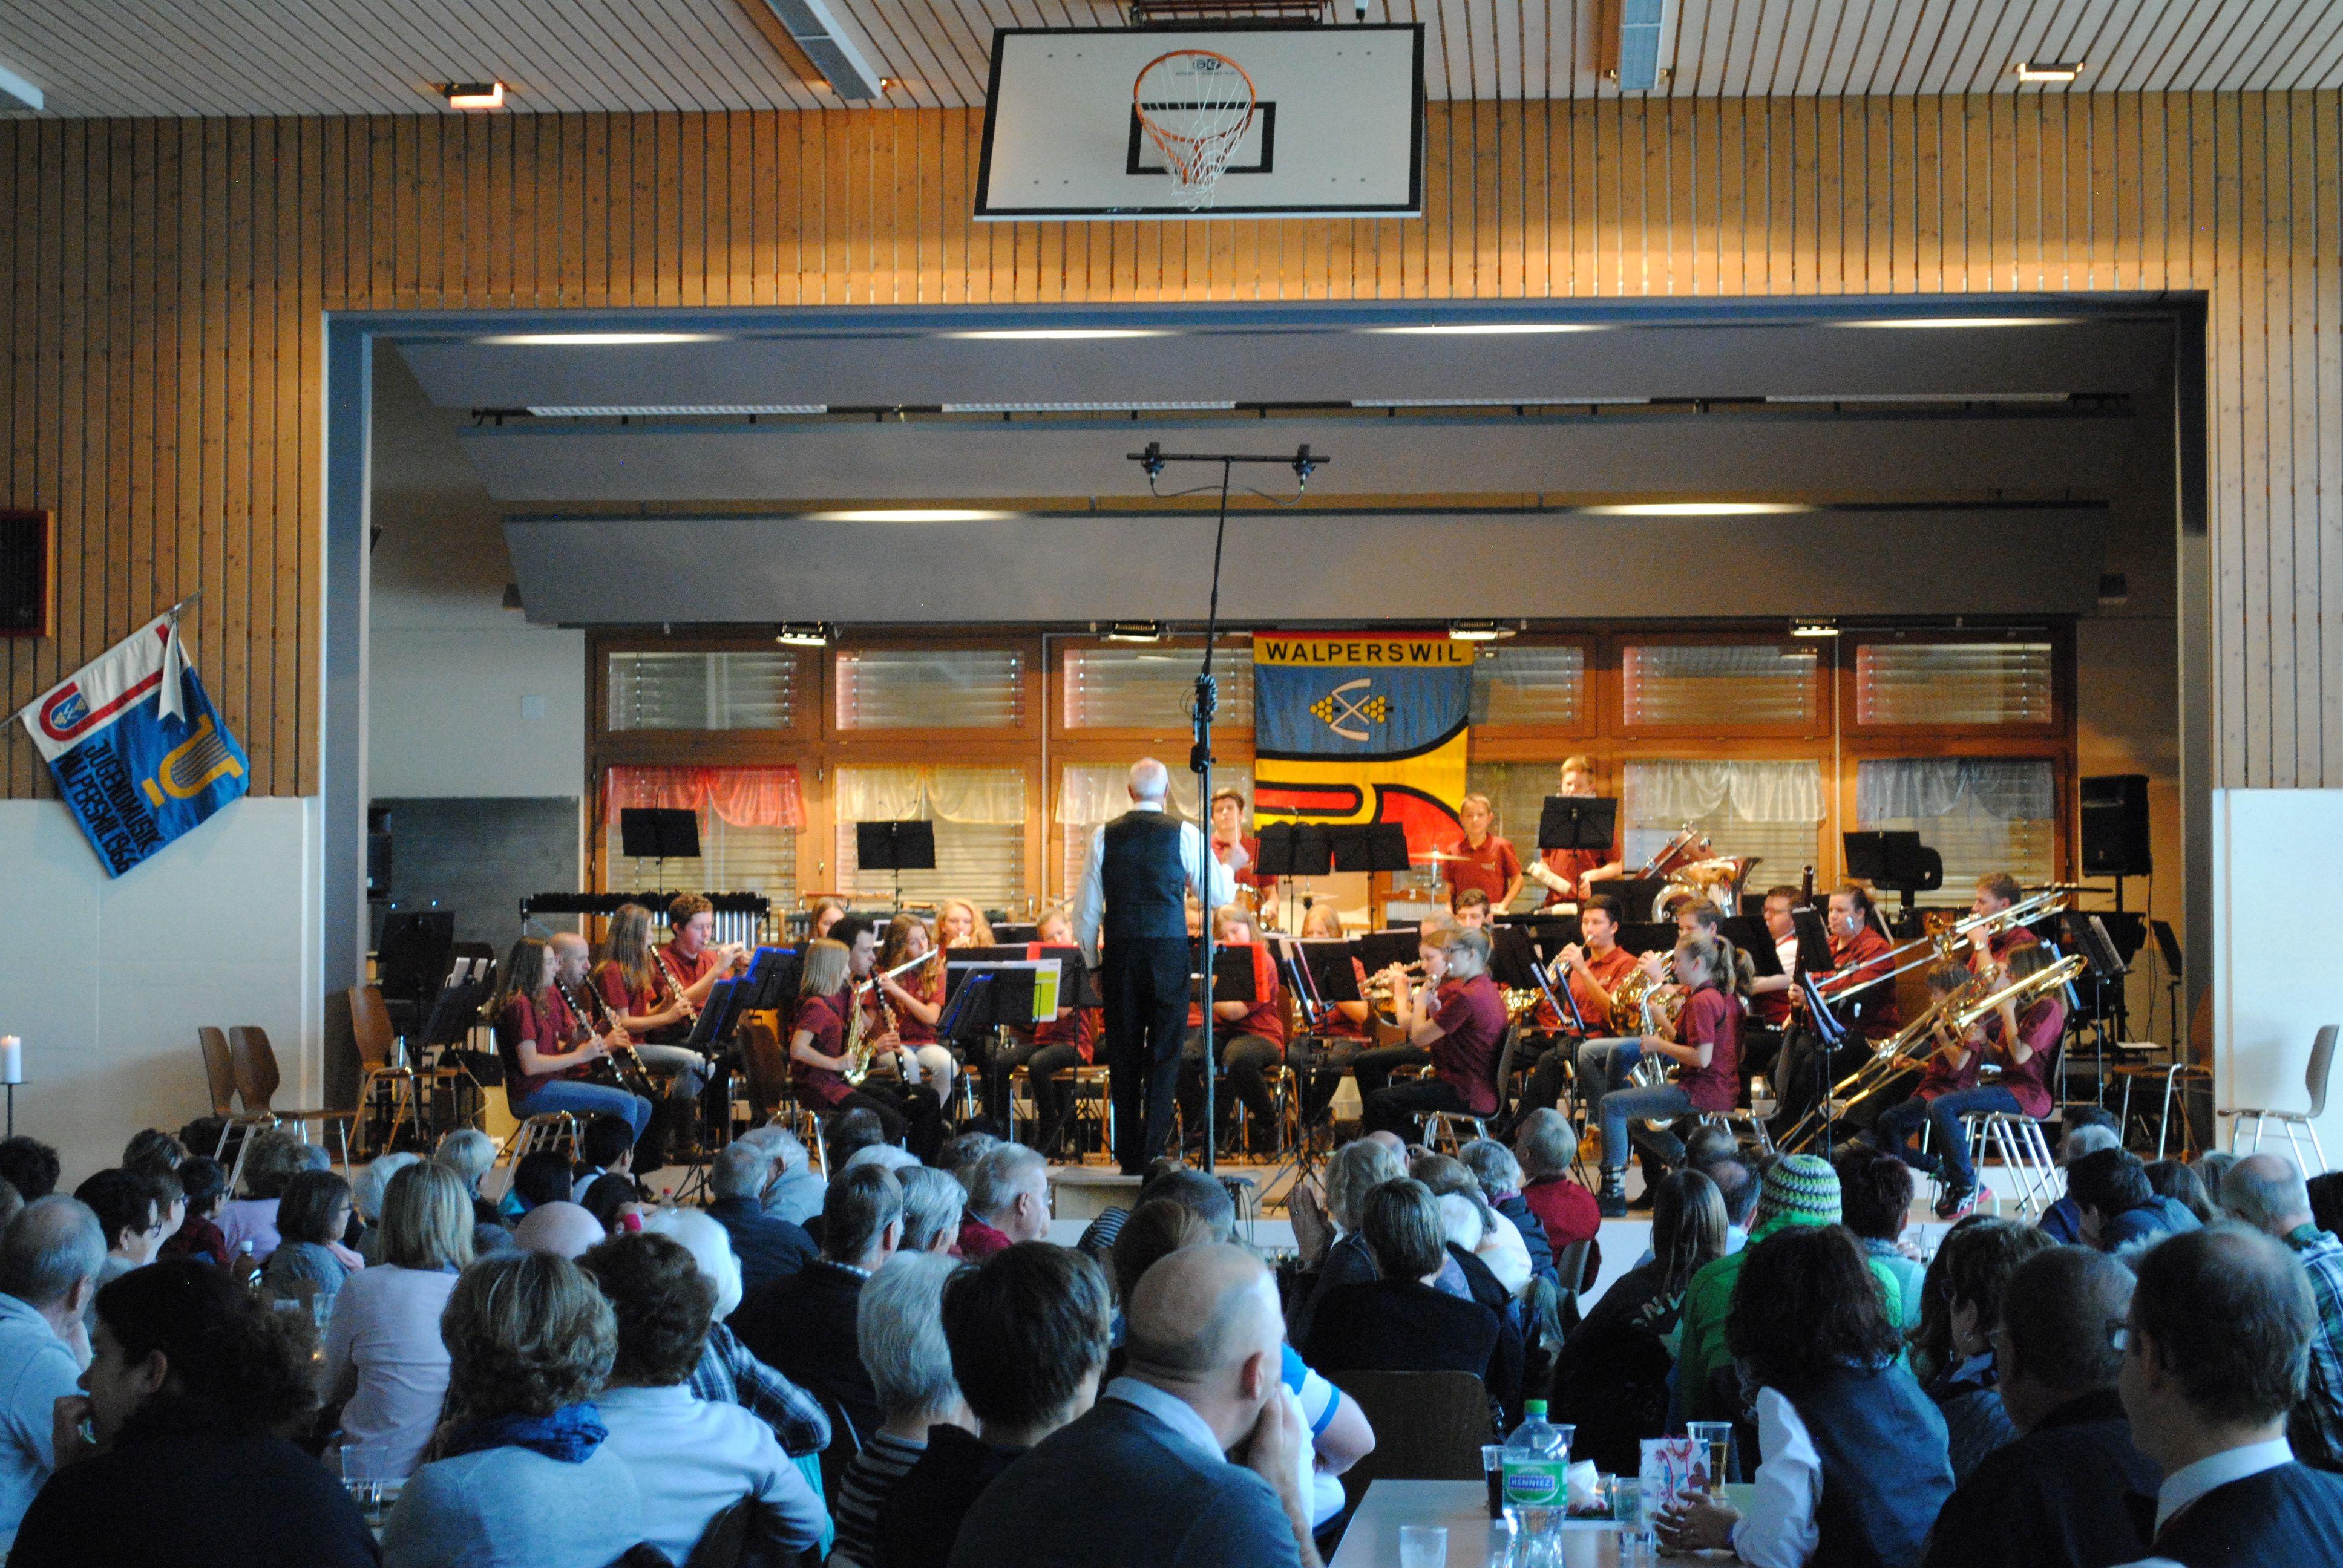 Jugendmusik Walperswil während dem Konzert